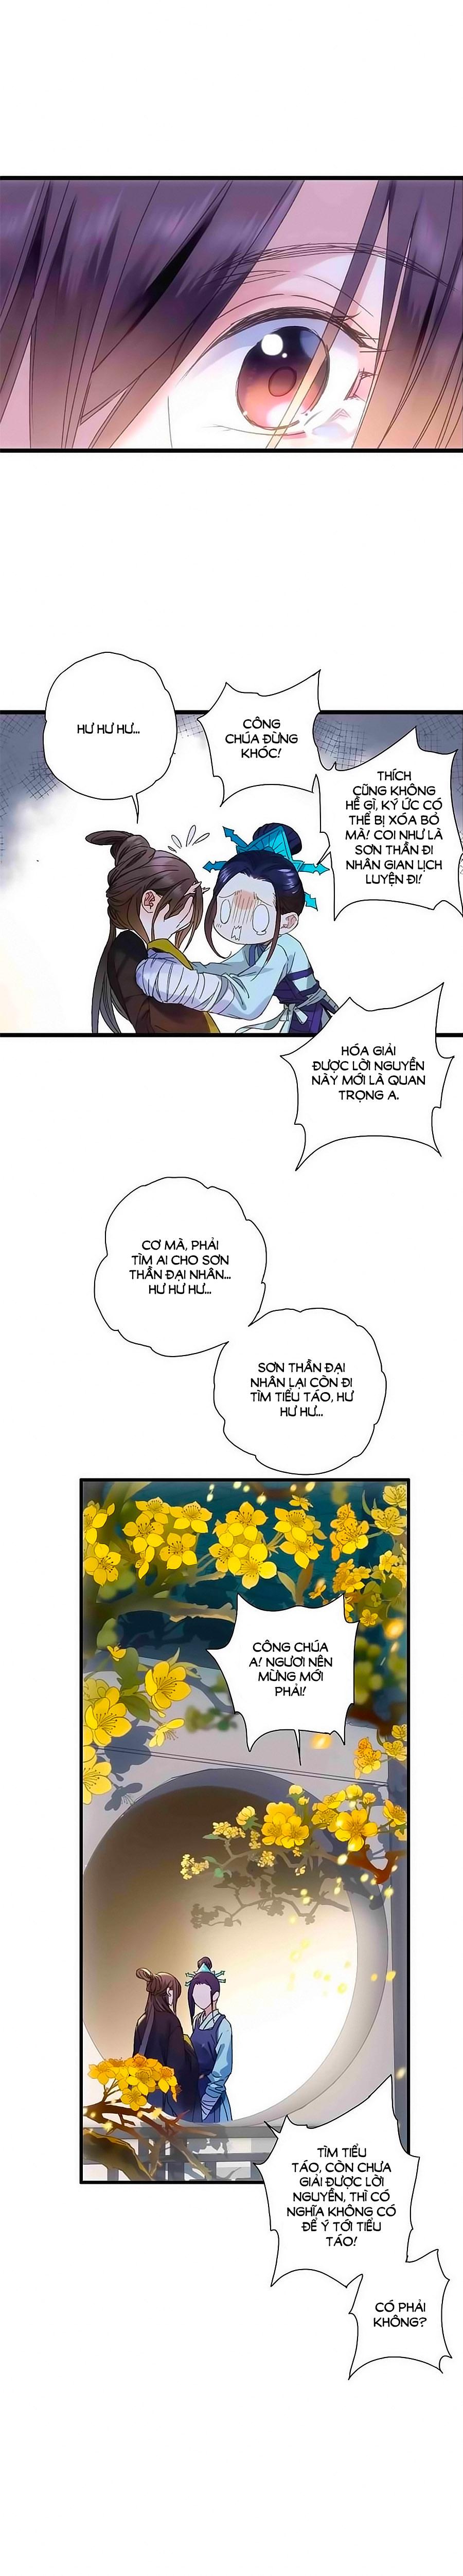 Sơn Thần và Tiểu Táo 2 – Chap 26